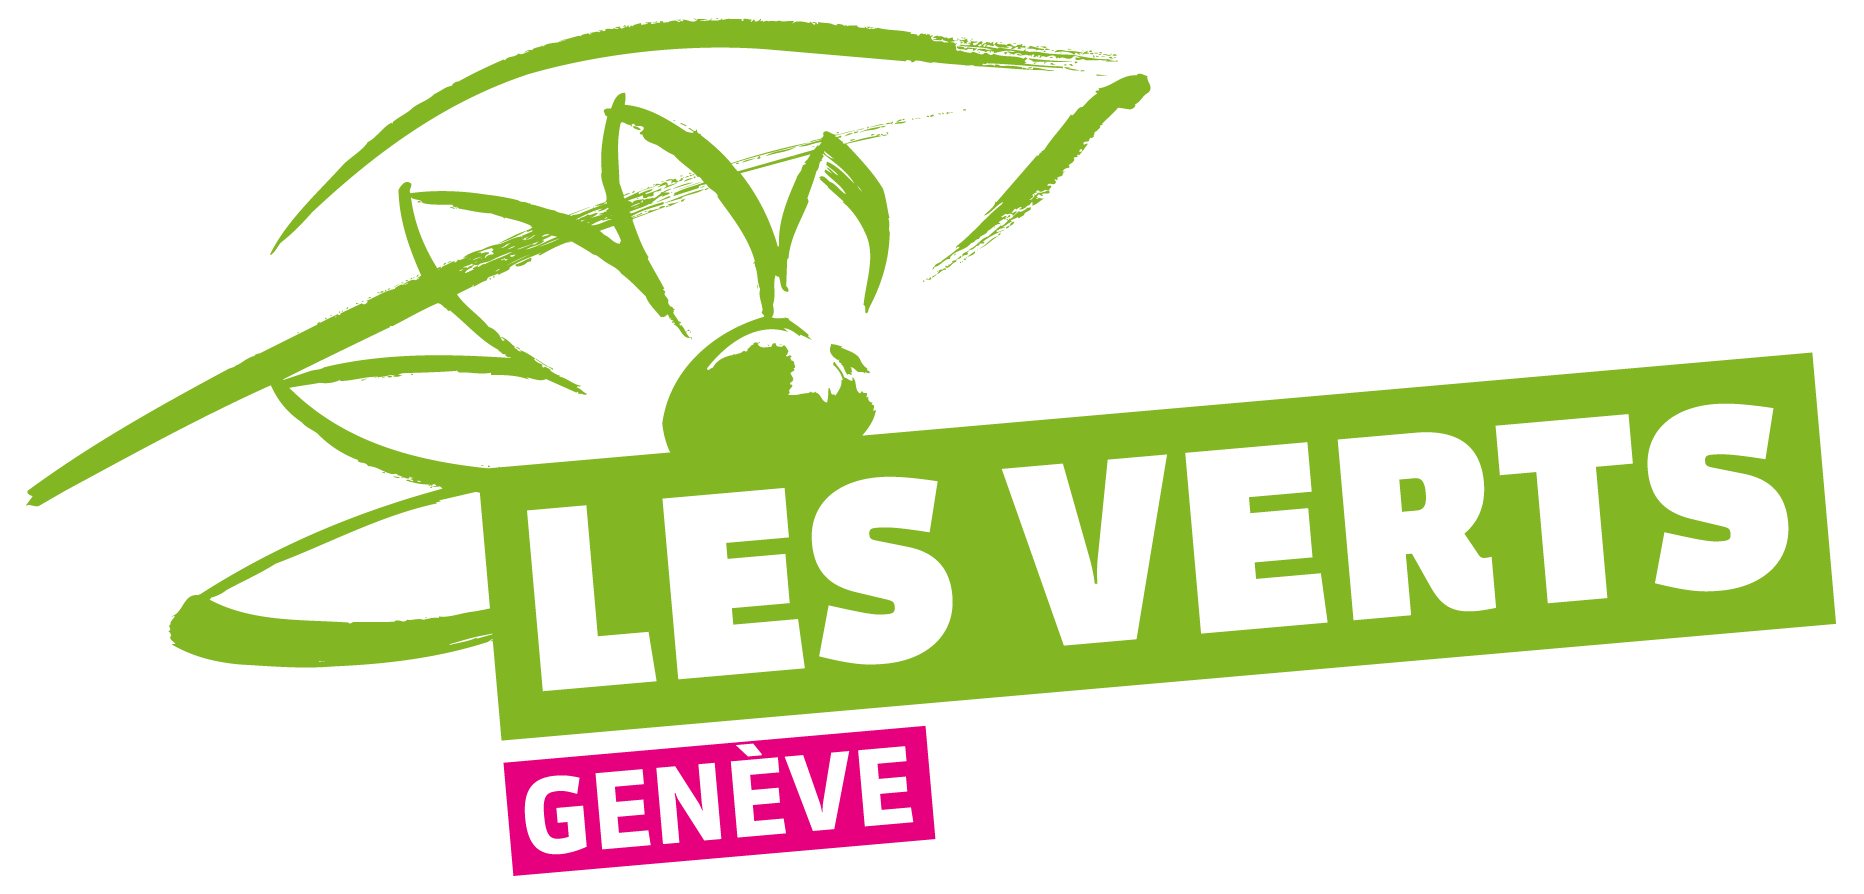 logo-verts-ge